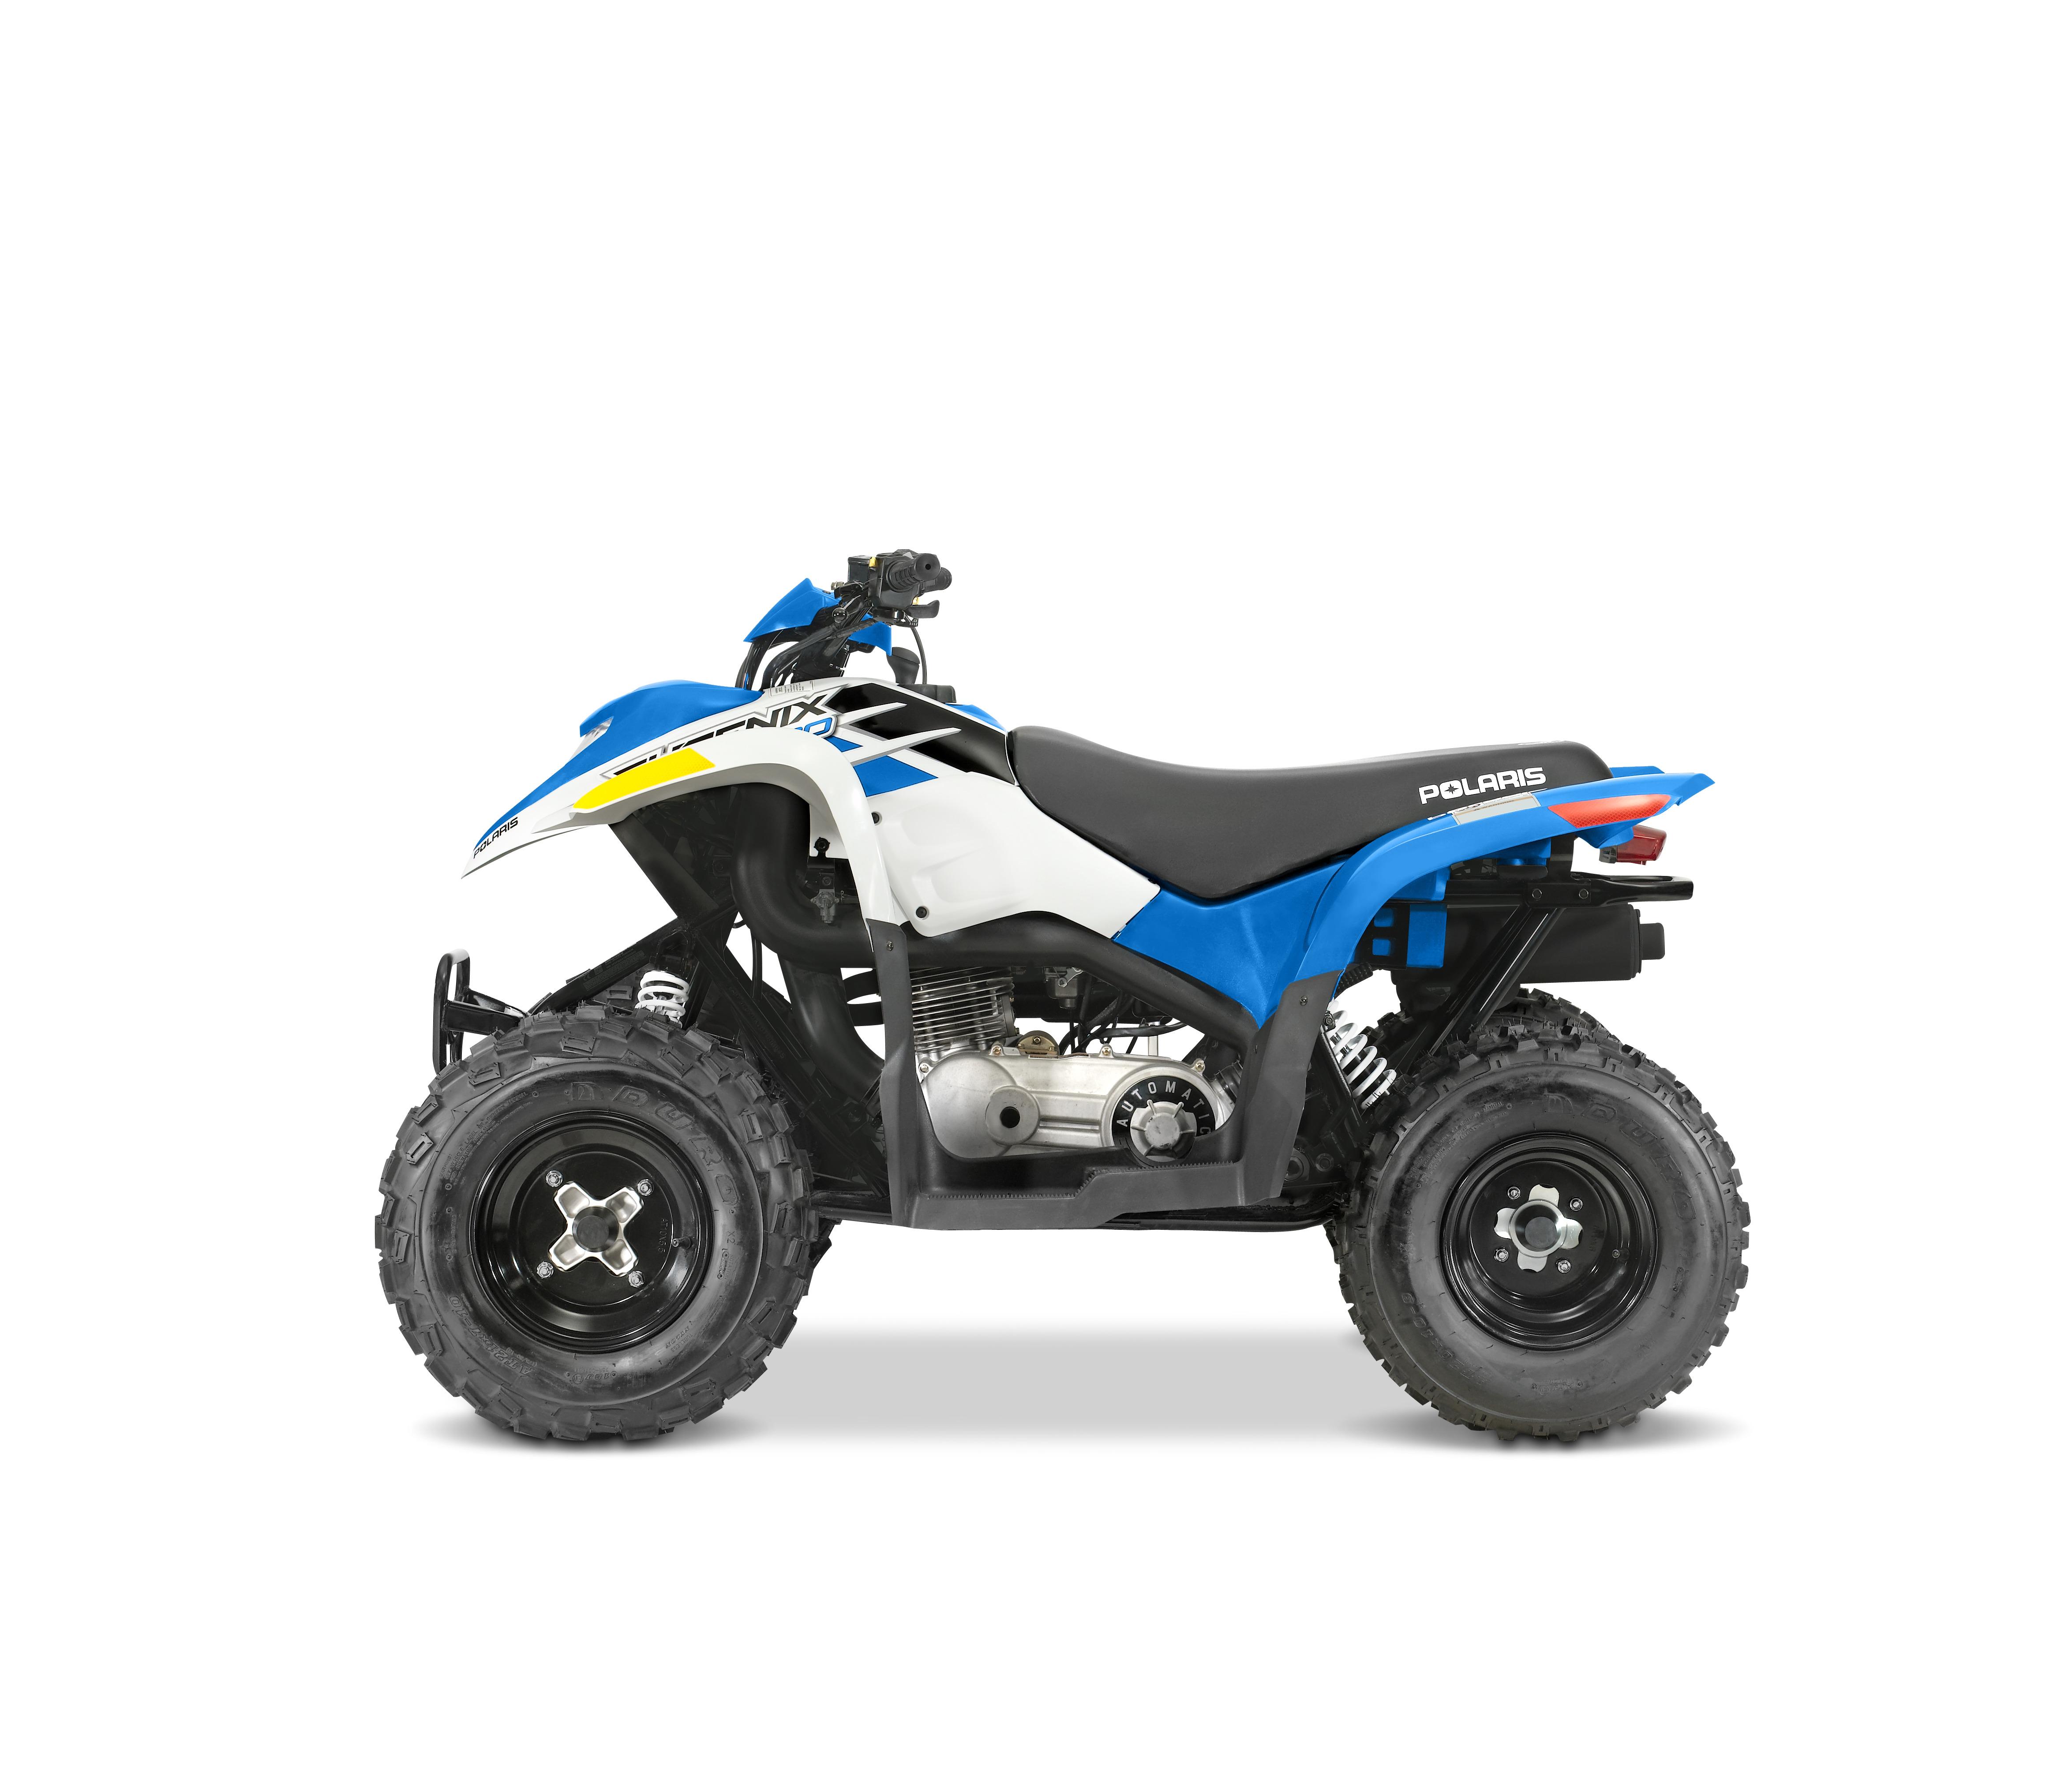 2015 Phoenix 200 in blue